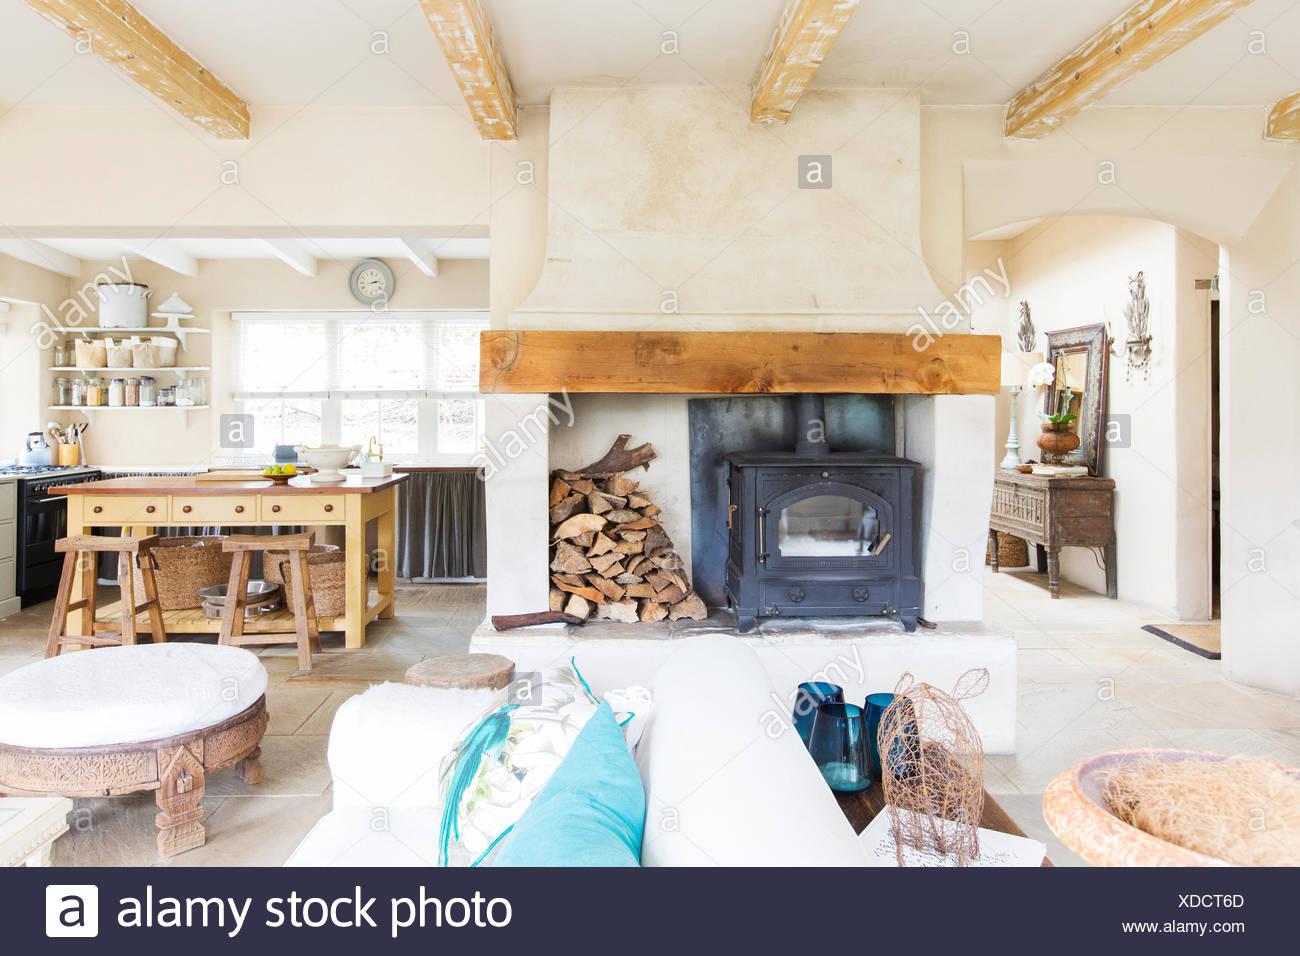 Wohnzimmer und Küche Landhaus Stockfoto, Bild: 283638837 - Alamy